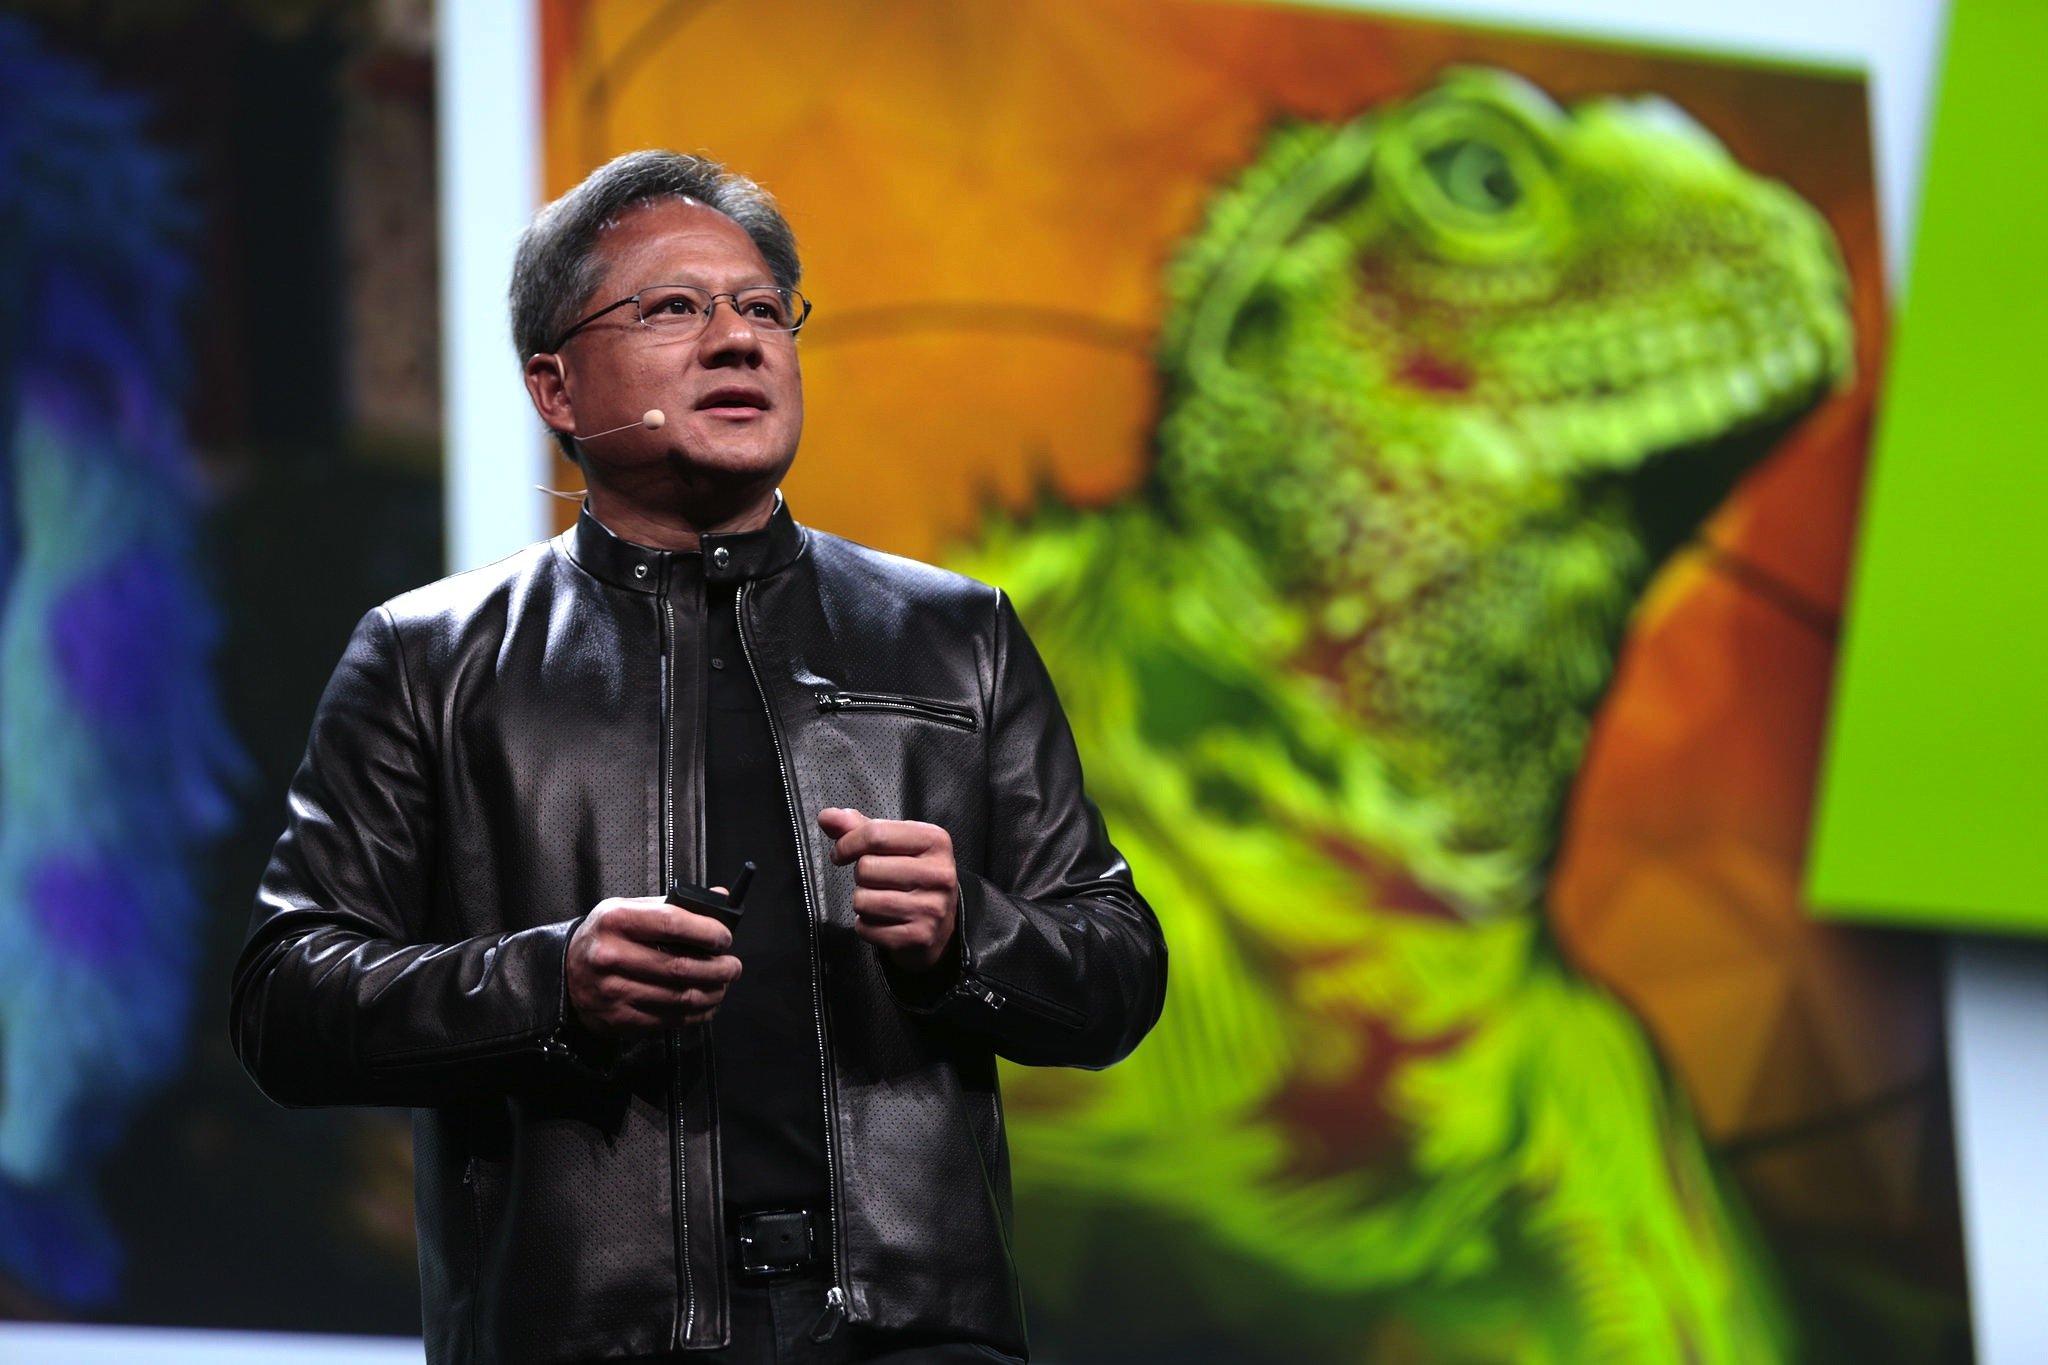 Nvidia-Chef Jen-Hsun Huang präsentierte die neuenextrem starker Grafikprozessoren, die Nvidia künftig auch in autonom fahrenden Autos einsetzen will.